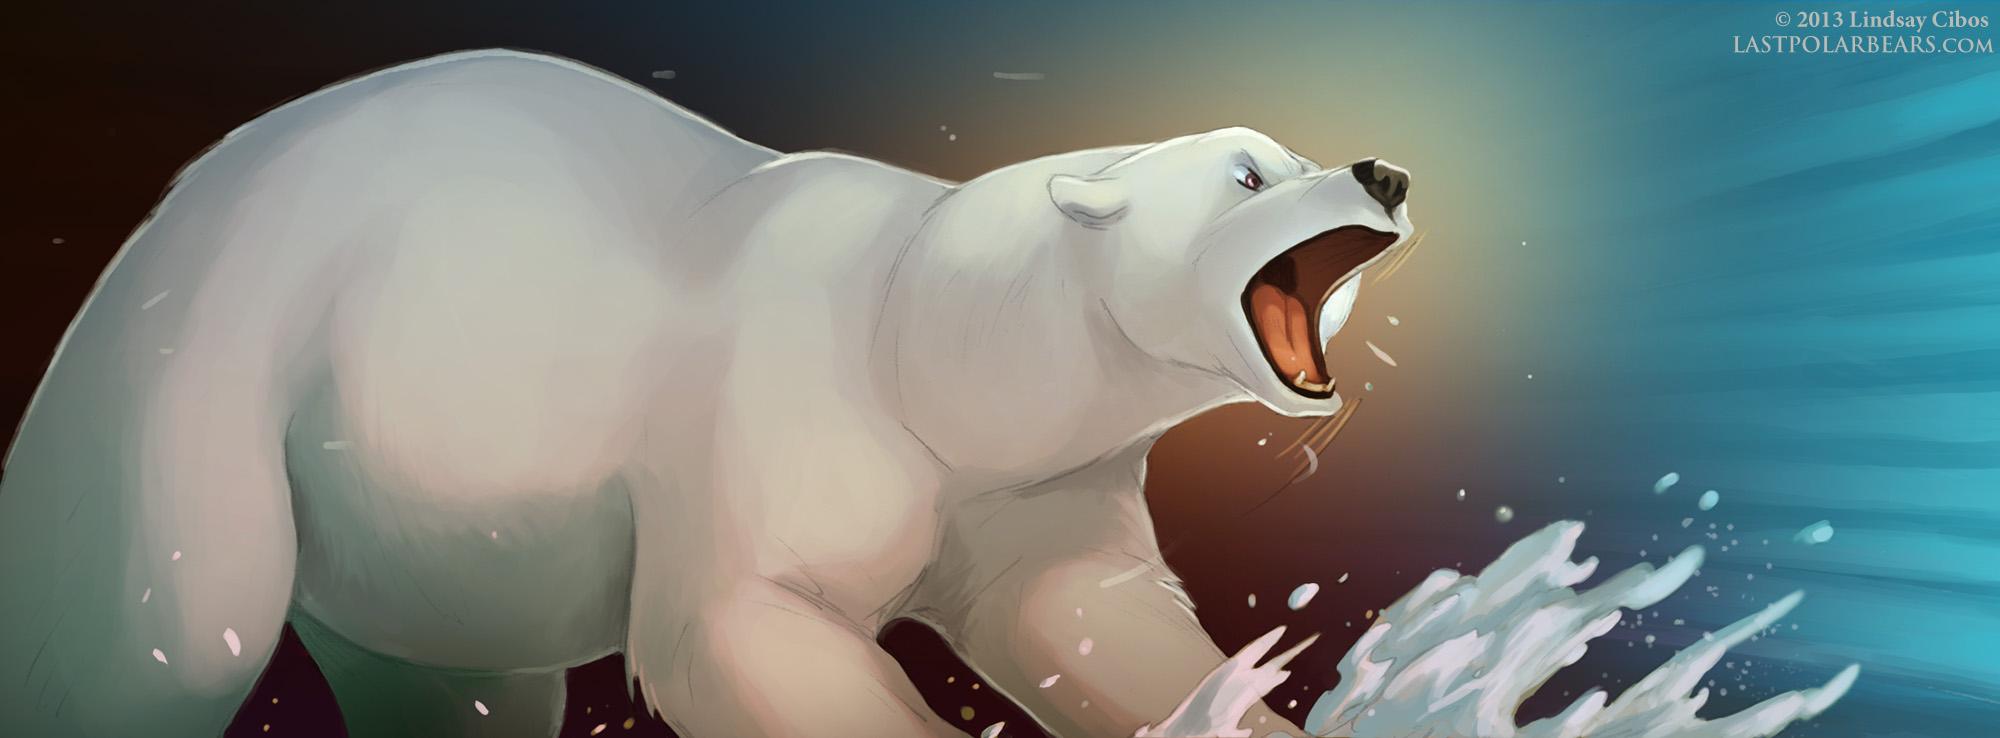 Polar Roar by LCibos